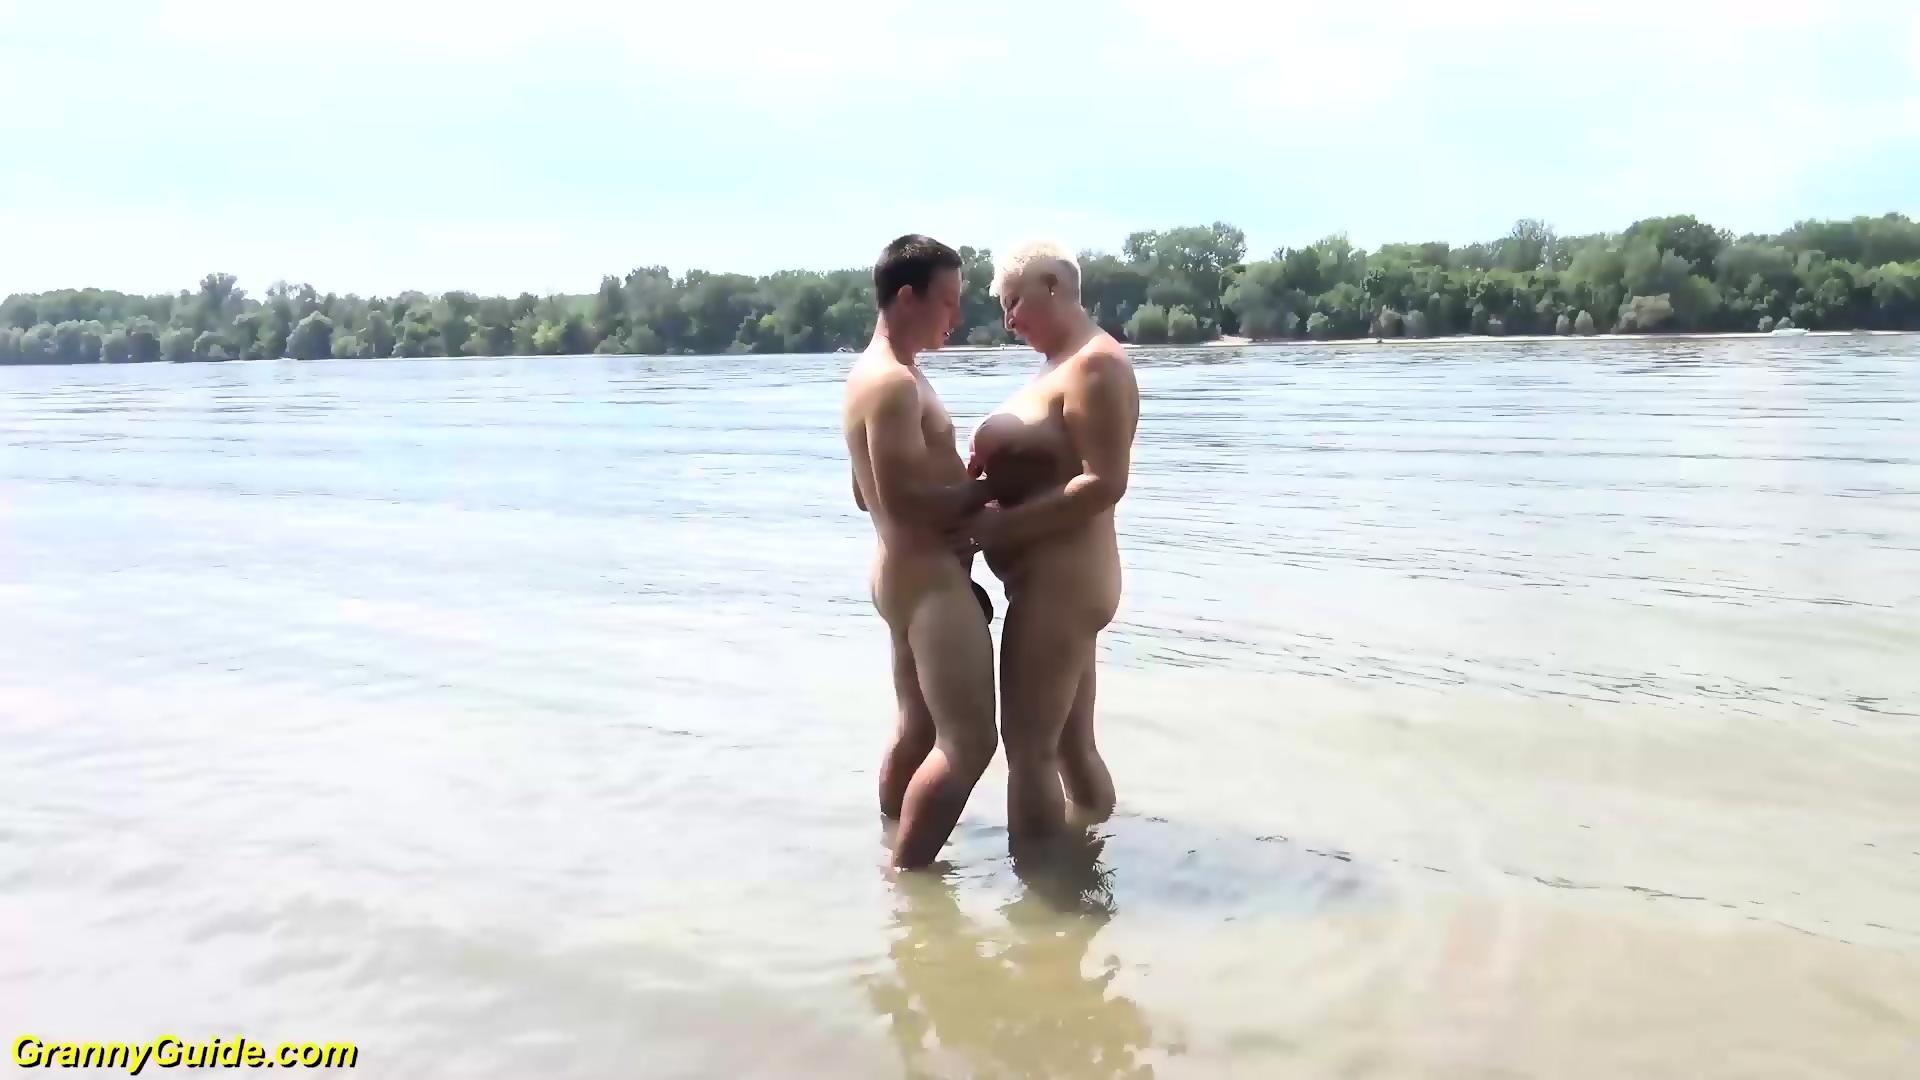 Cuckold instructional sand piss shit